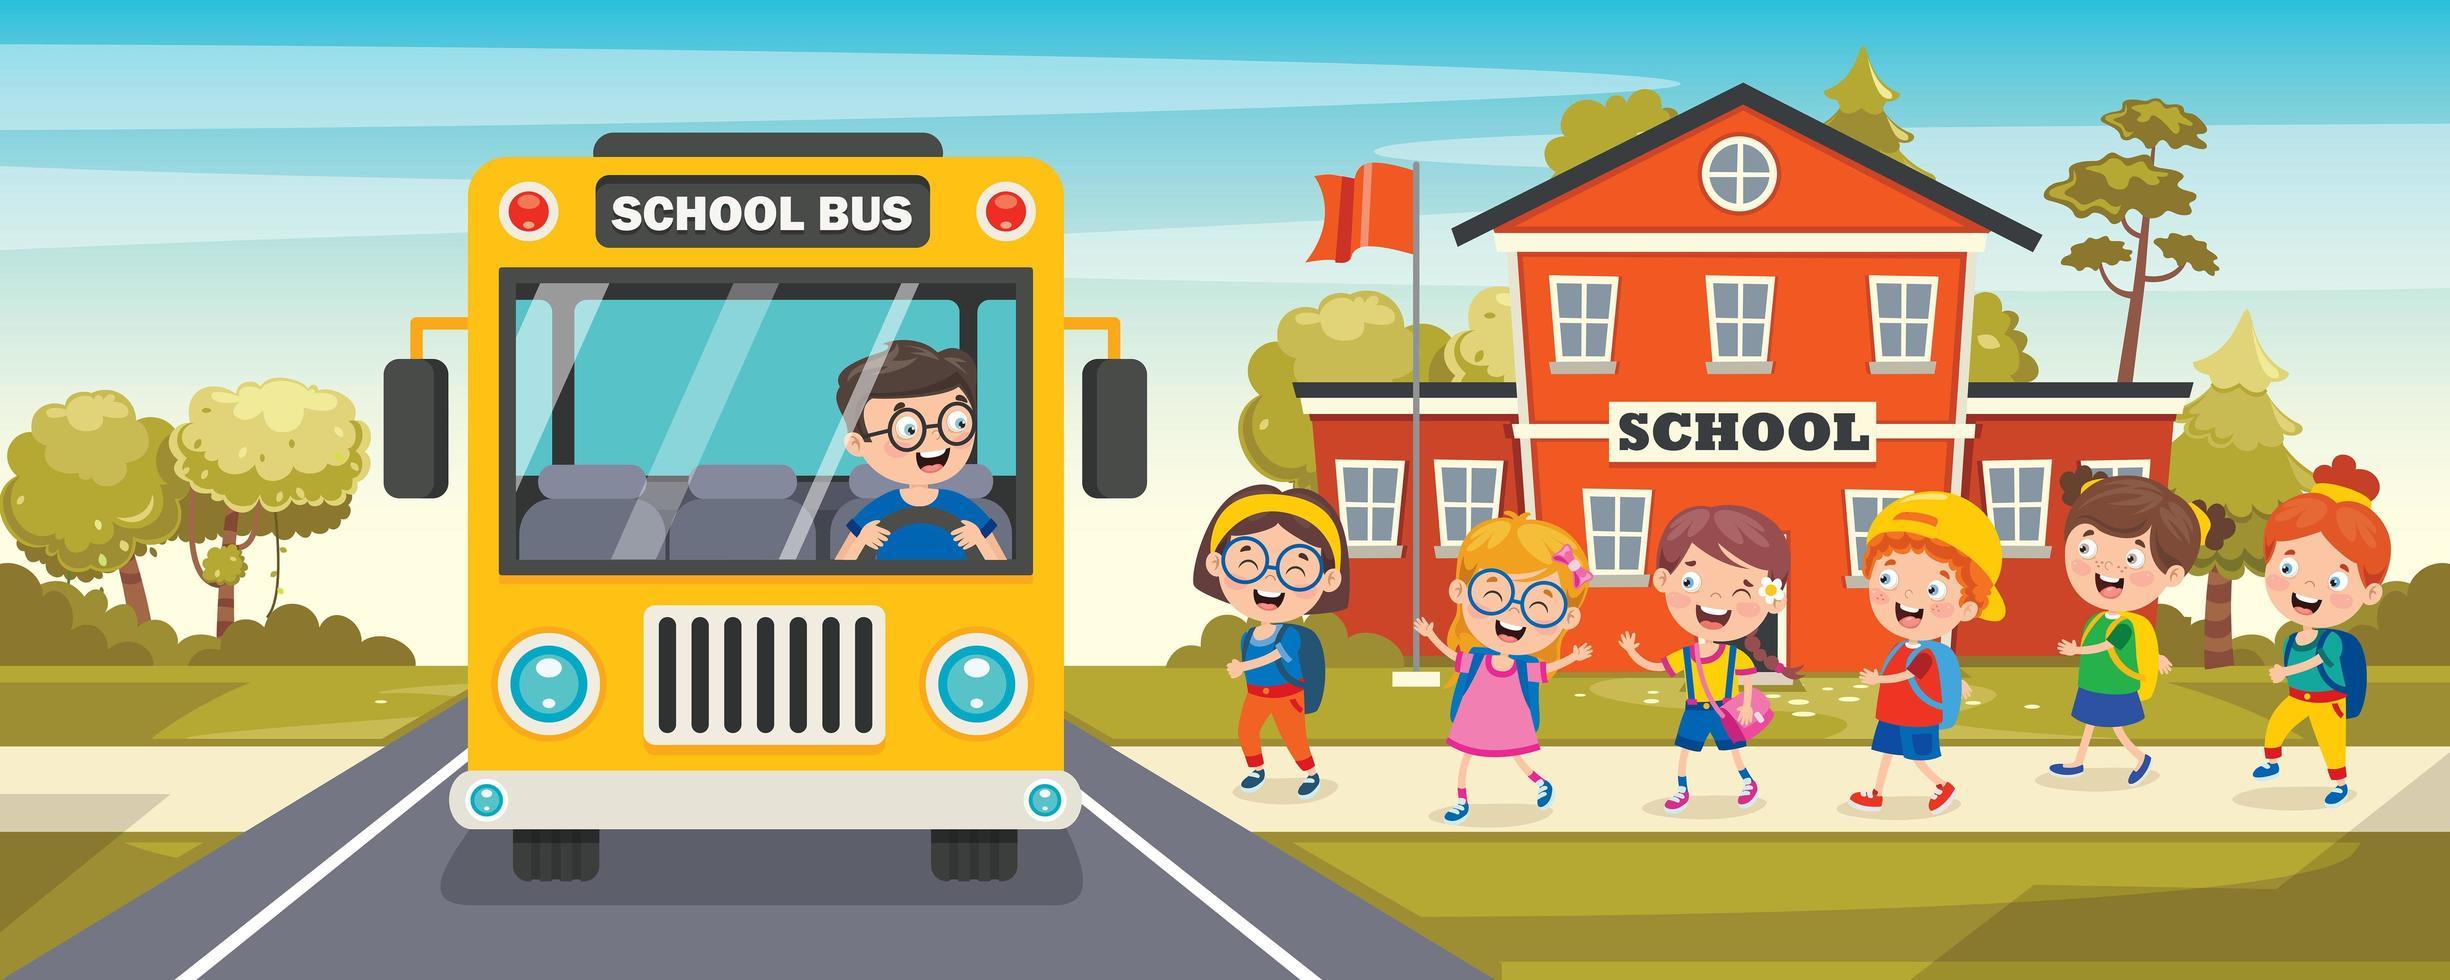 autobus giallo e scolaretti in fila vettore